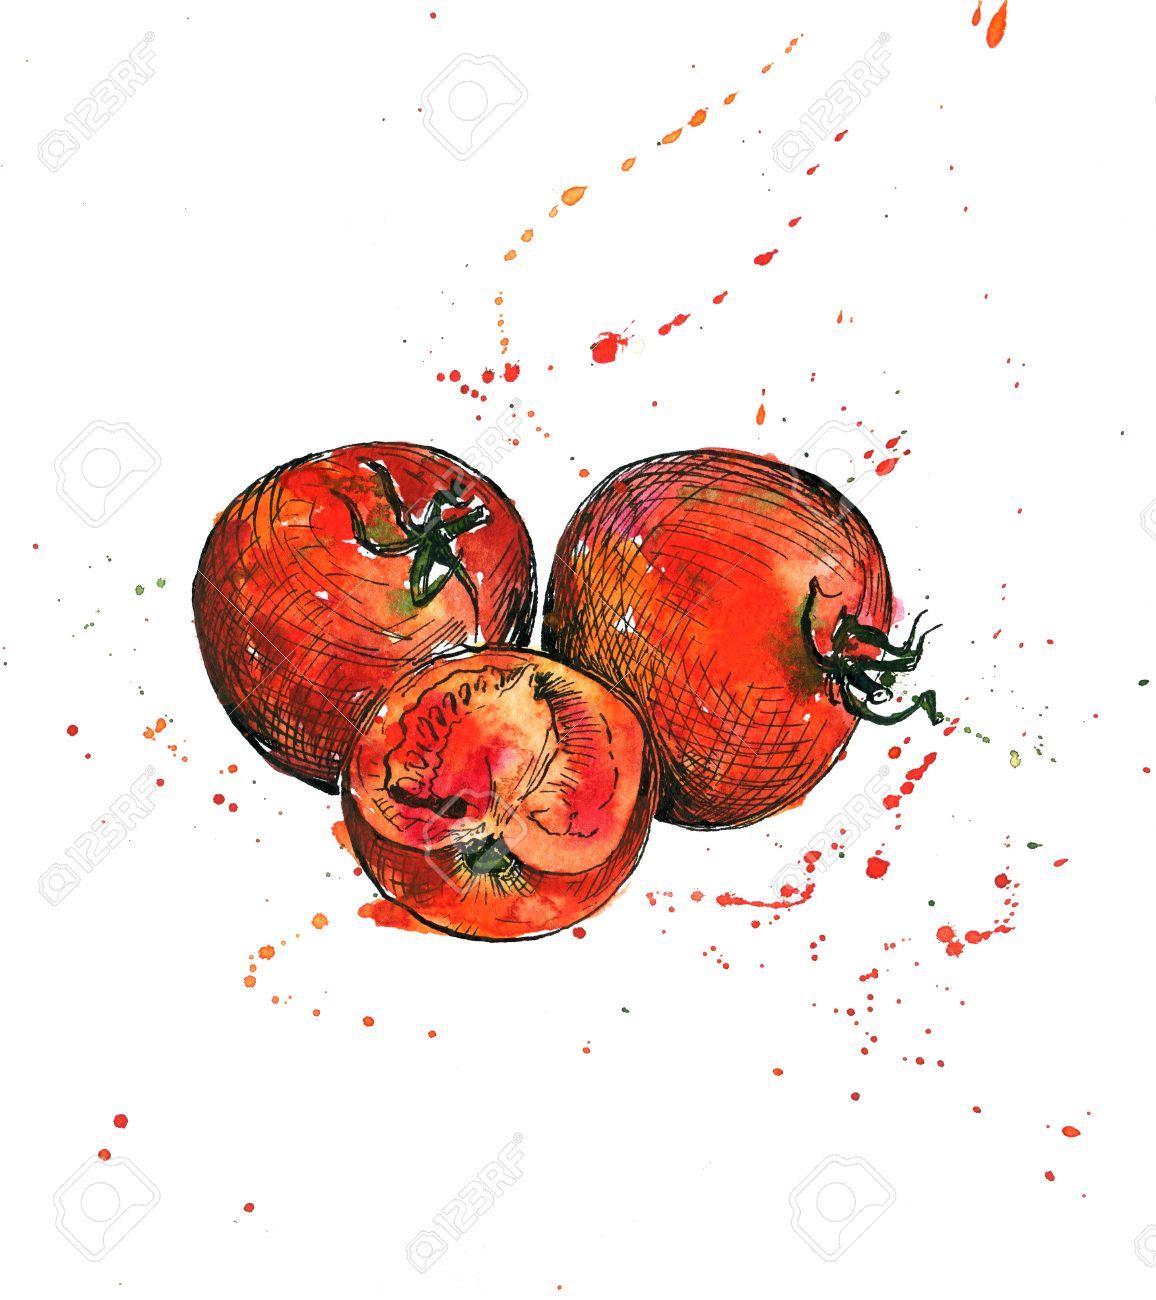 tomates dibujo de la tinta y de la acuarela con manchas de